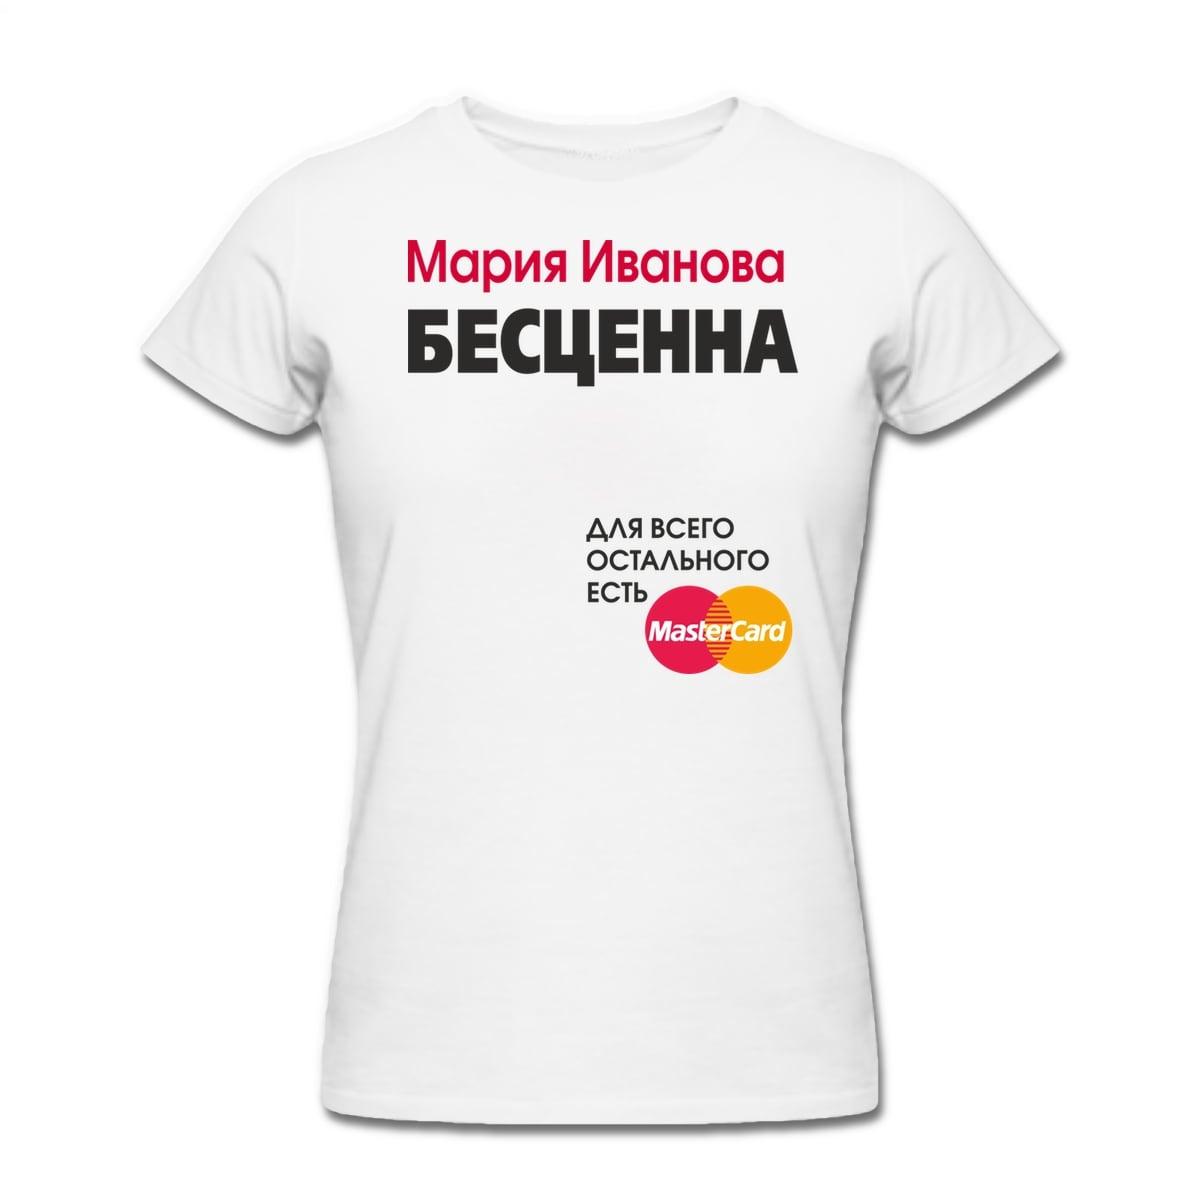 Именная футболка *Для всего остального есть MasterCard* женская